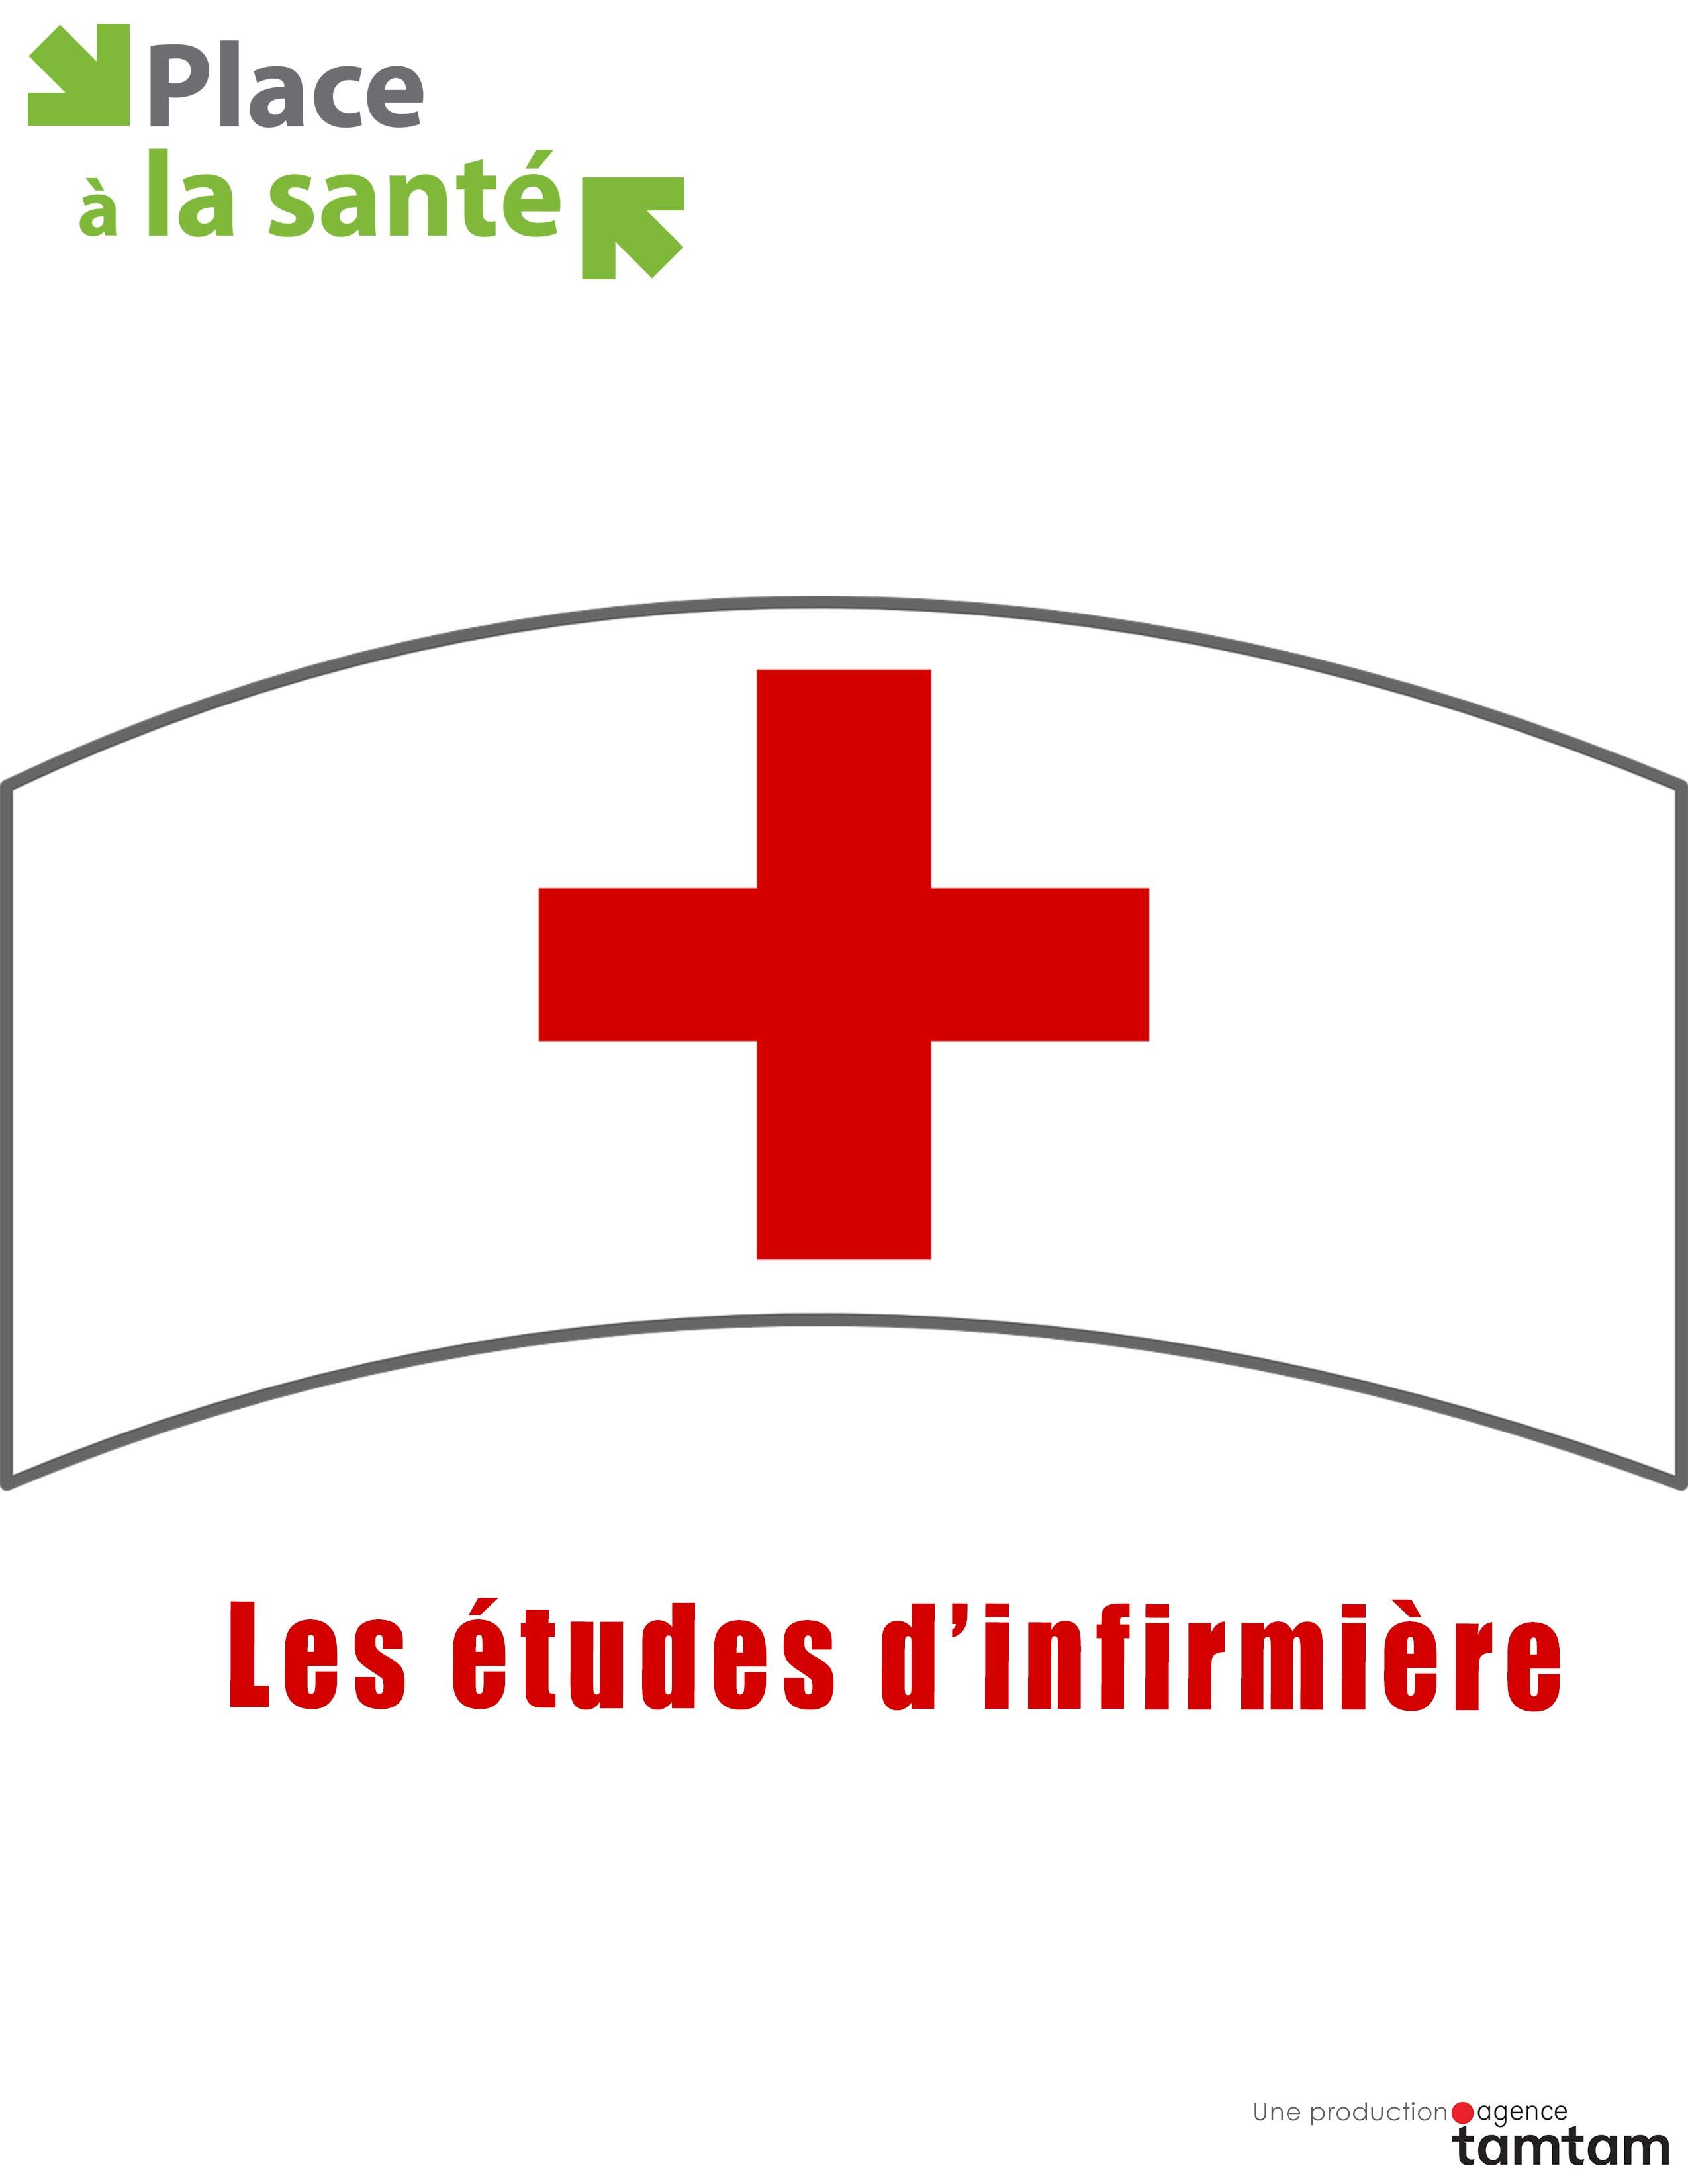 Les études d'infirmière